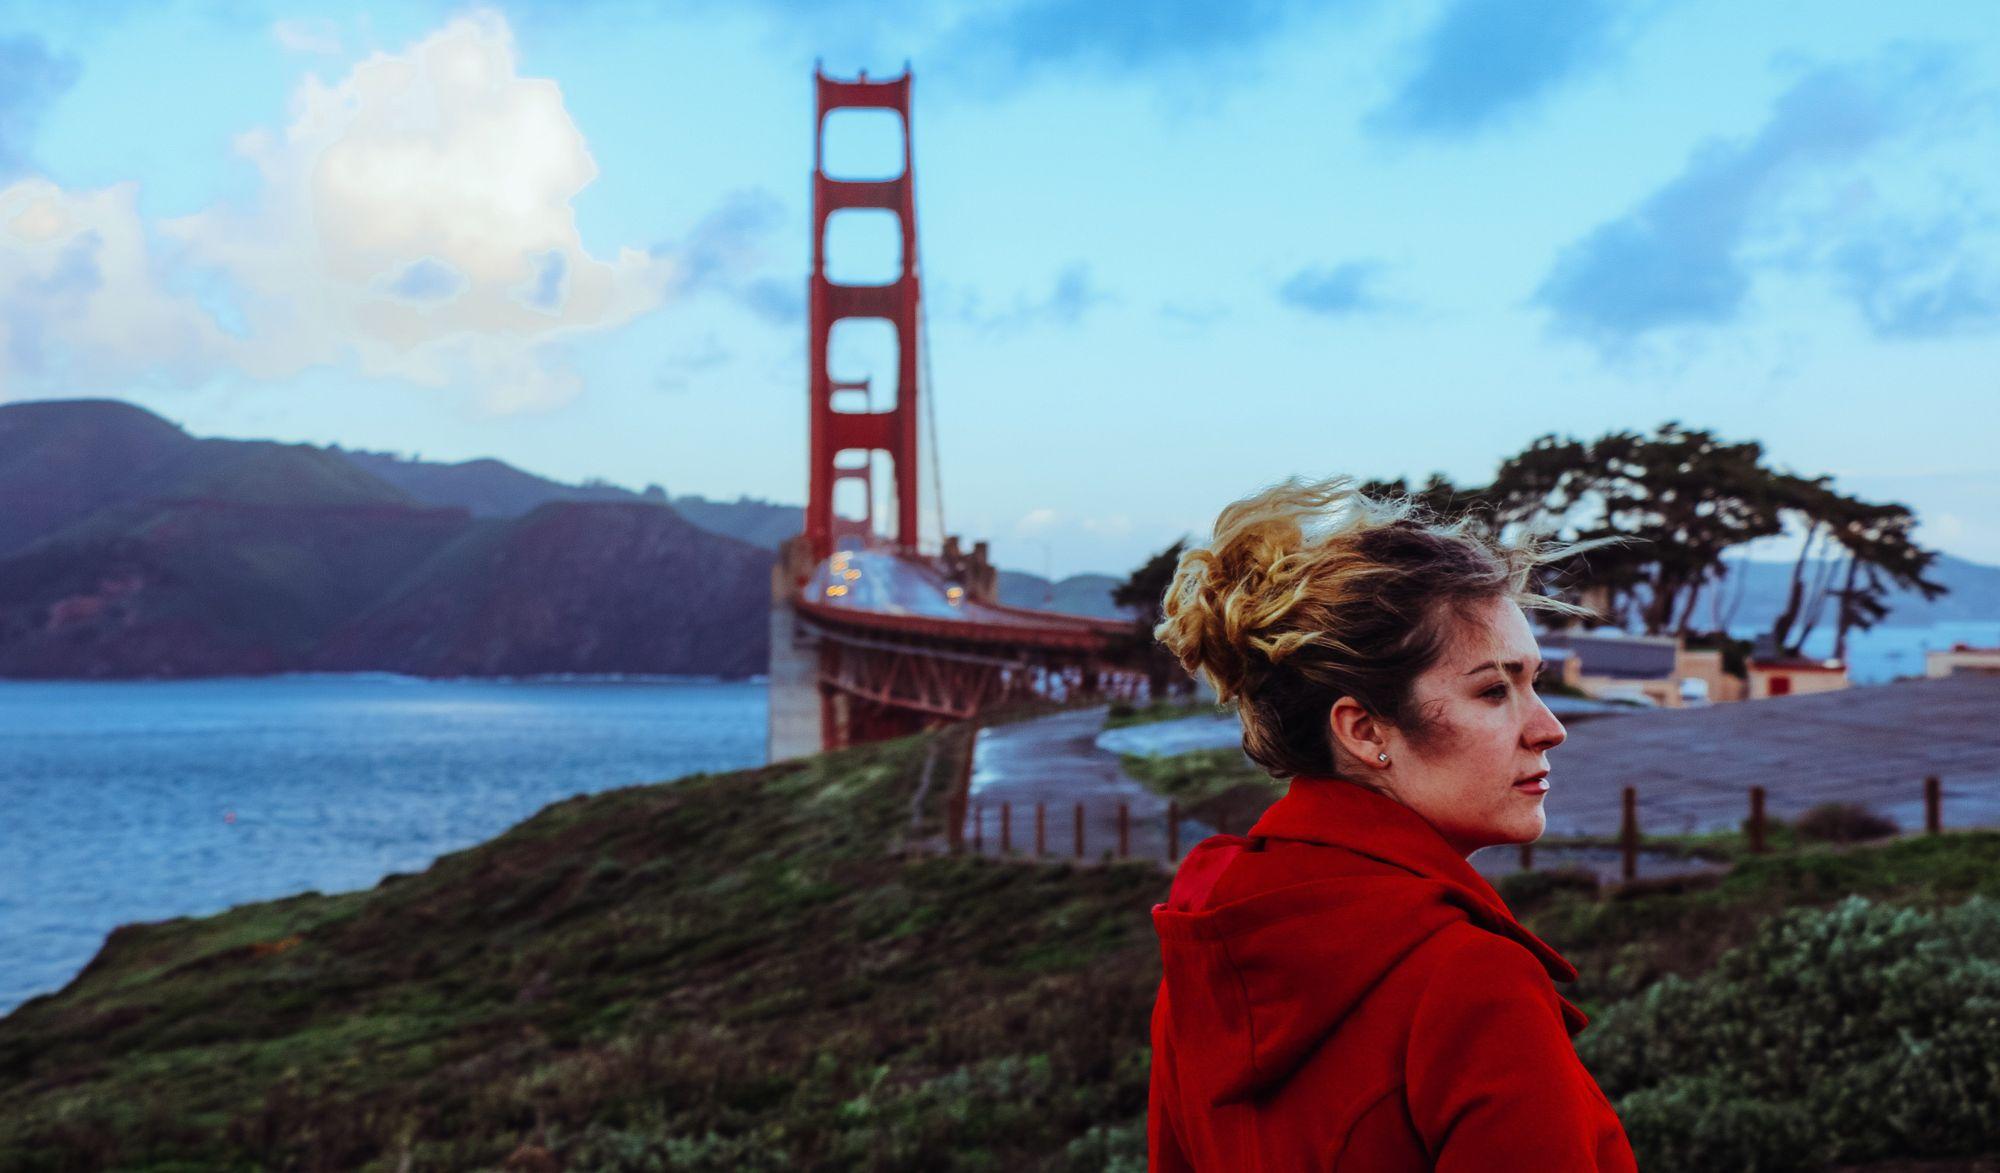 Oro_San Francisco_JJ_Campaign 1-374